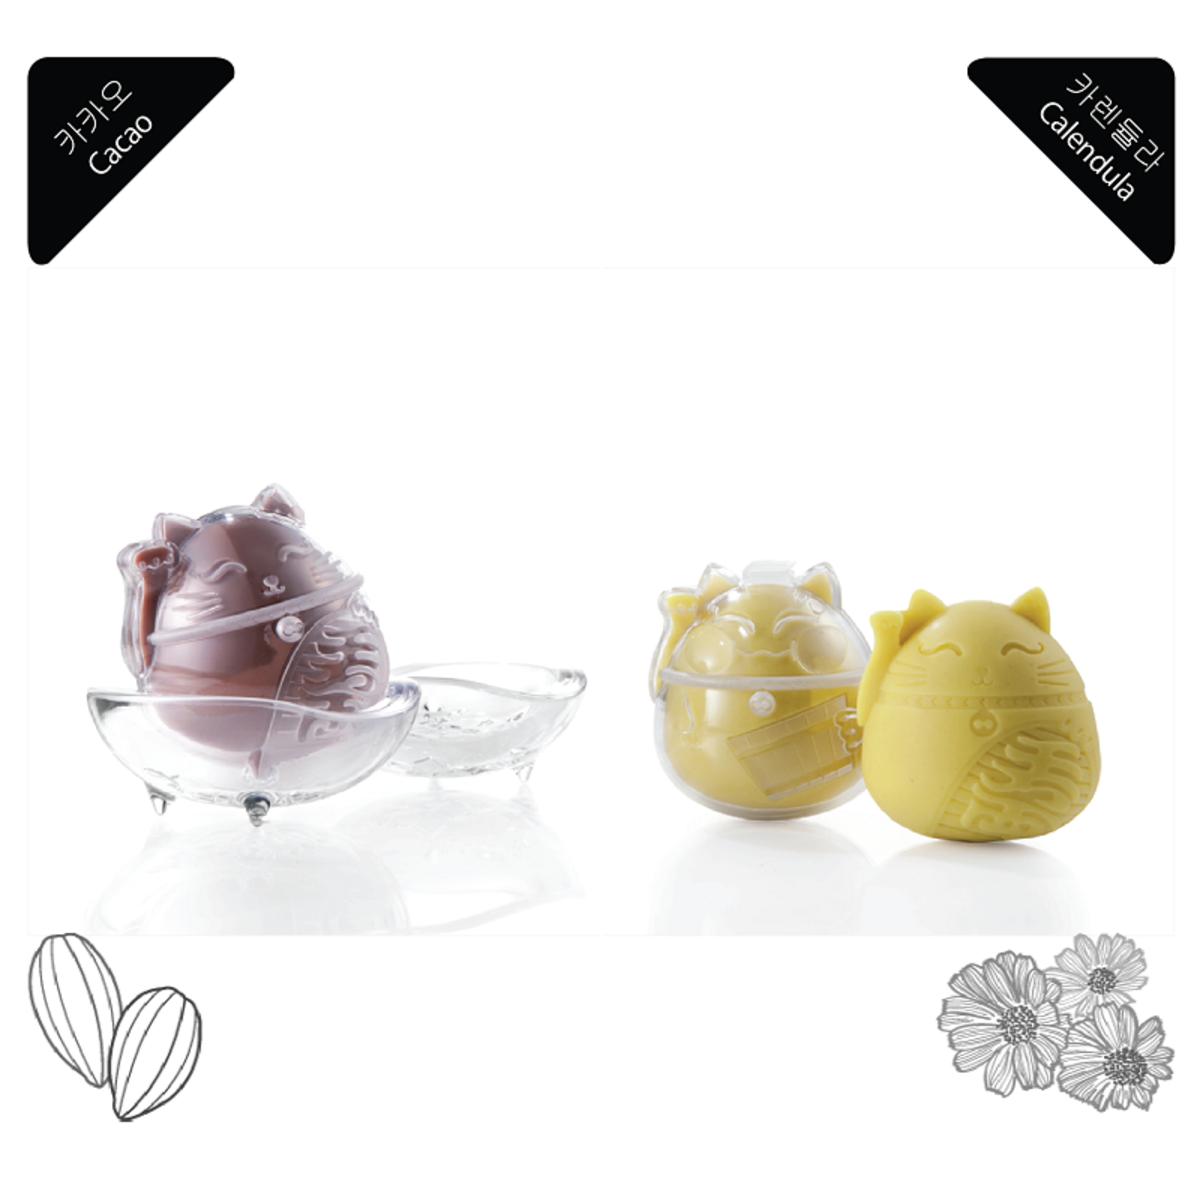 埃及金盞花+荷蘭可可 天然有機潔面皂-2件貓形套裝